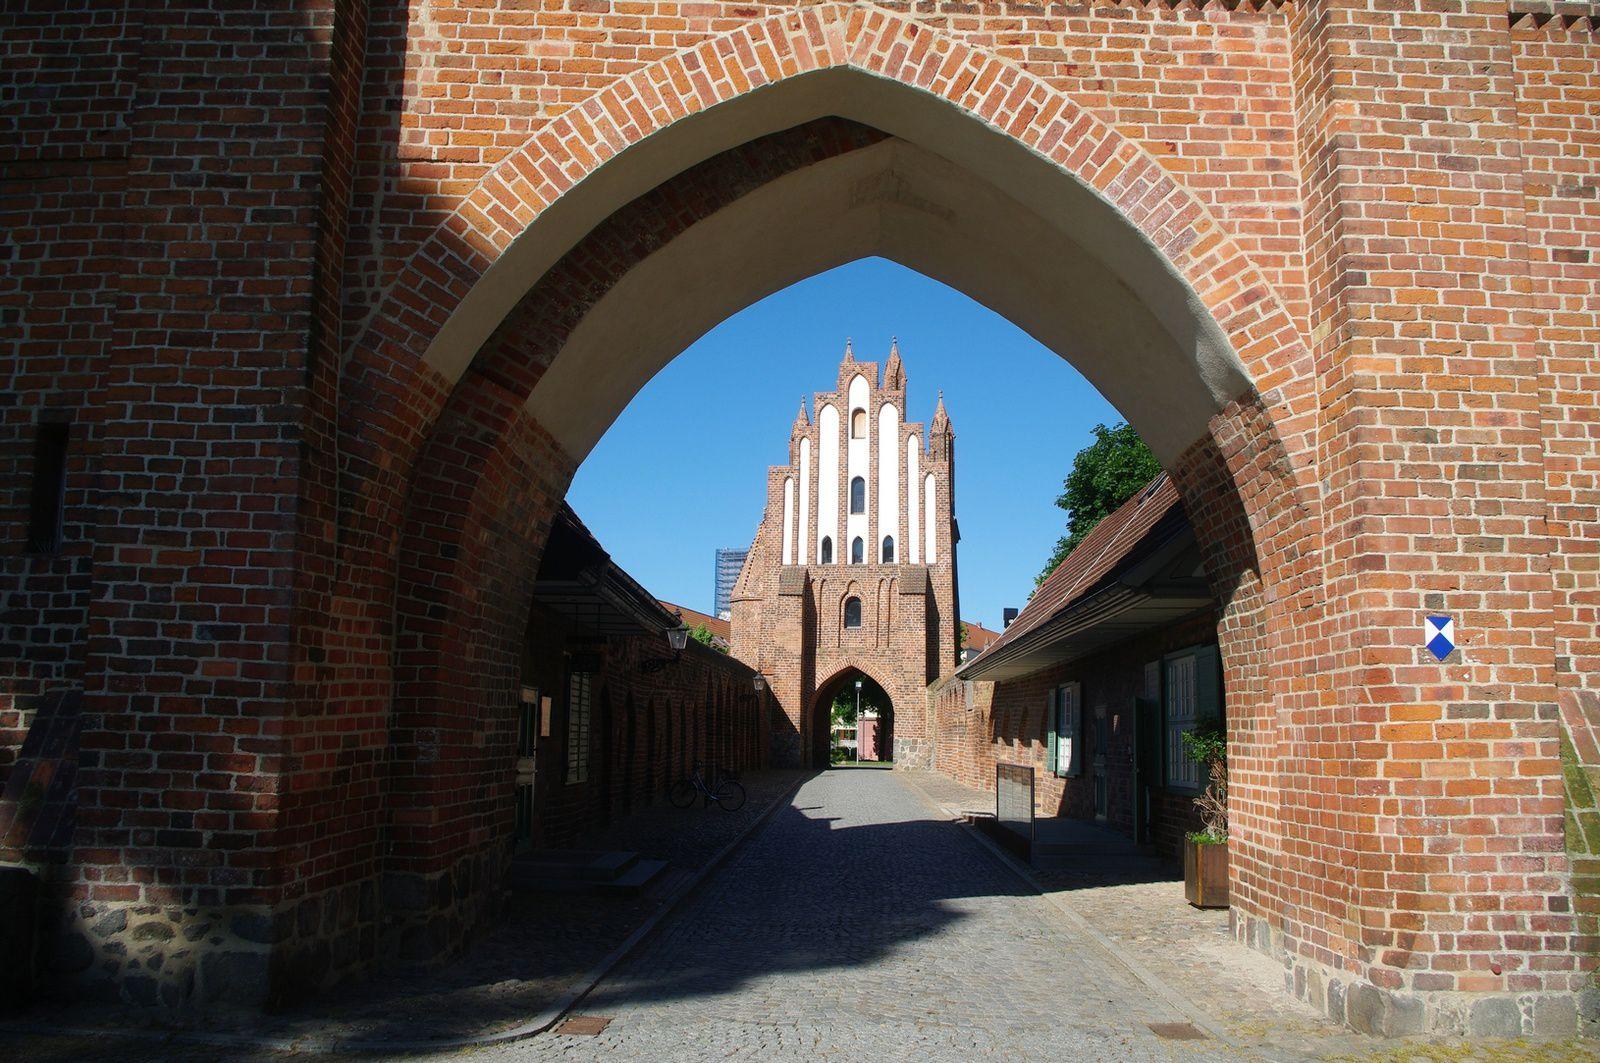 porte de Treptow , qui possède une tour de 32m de haut